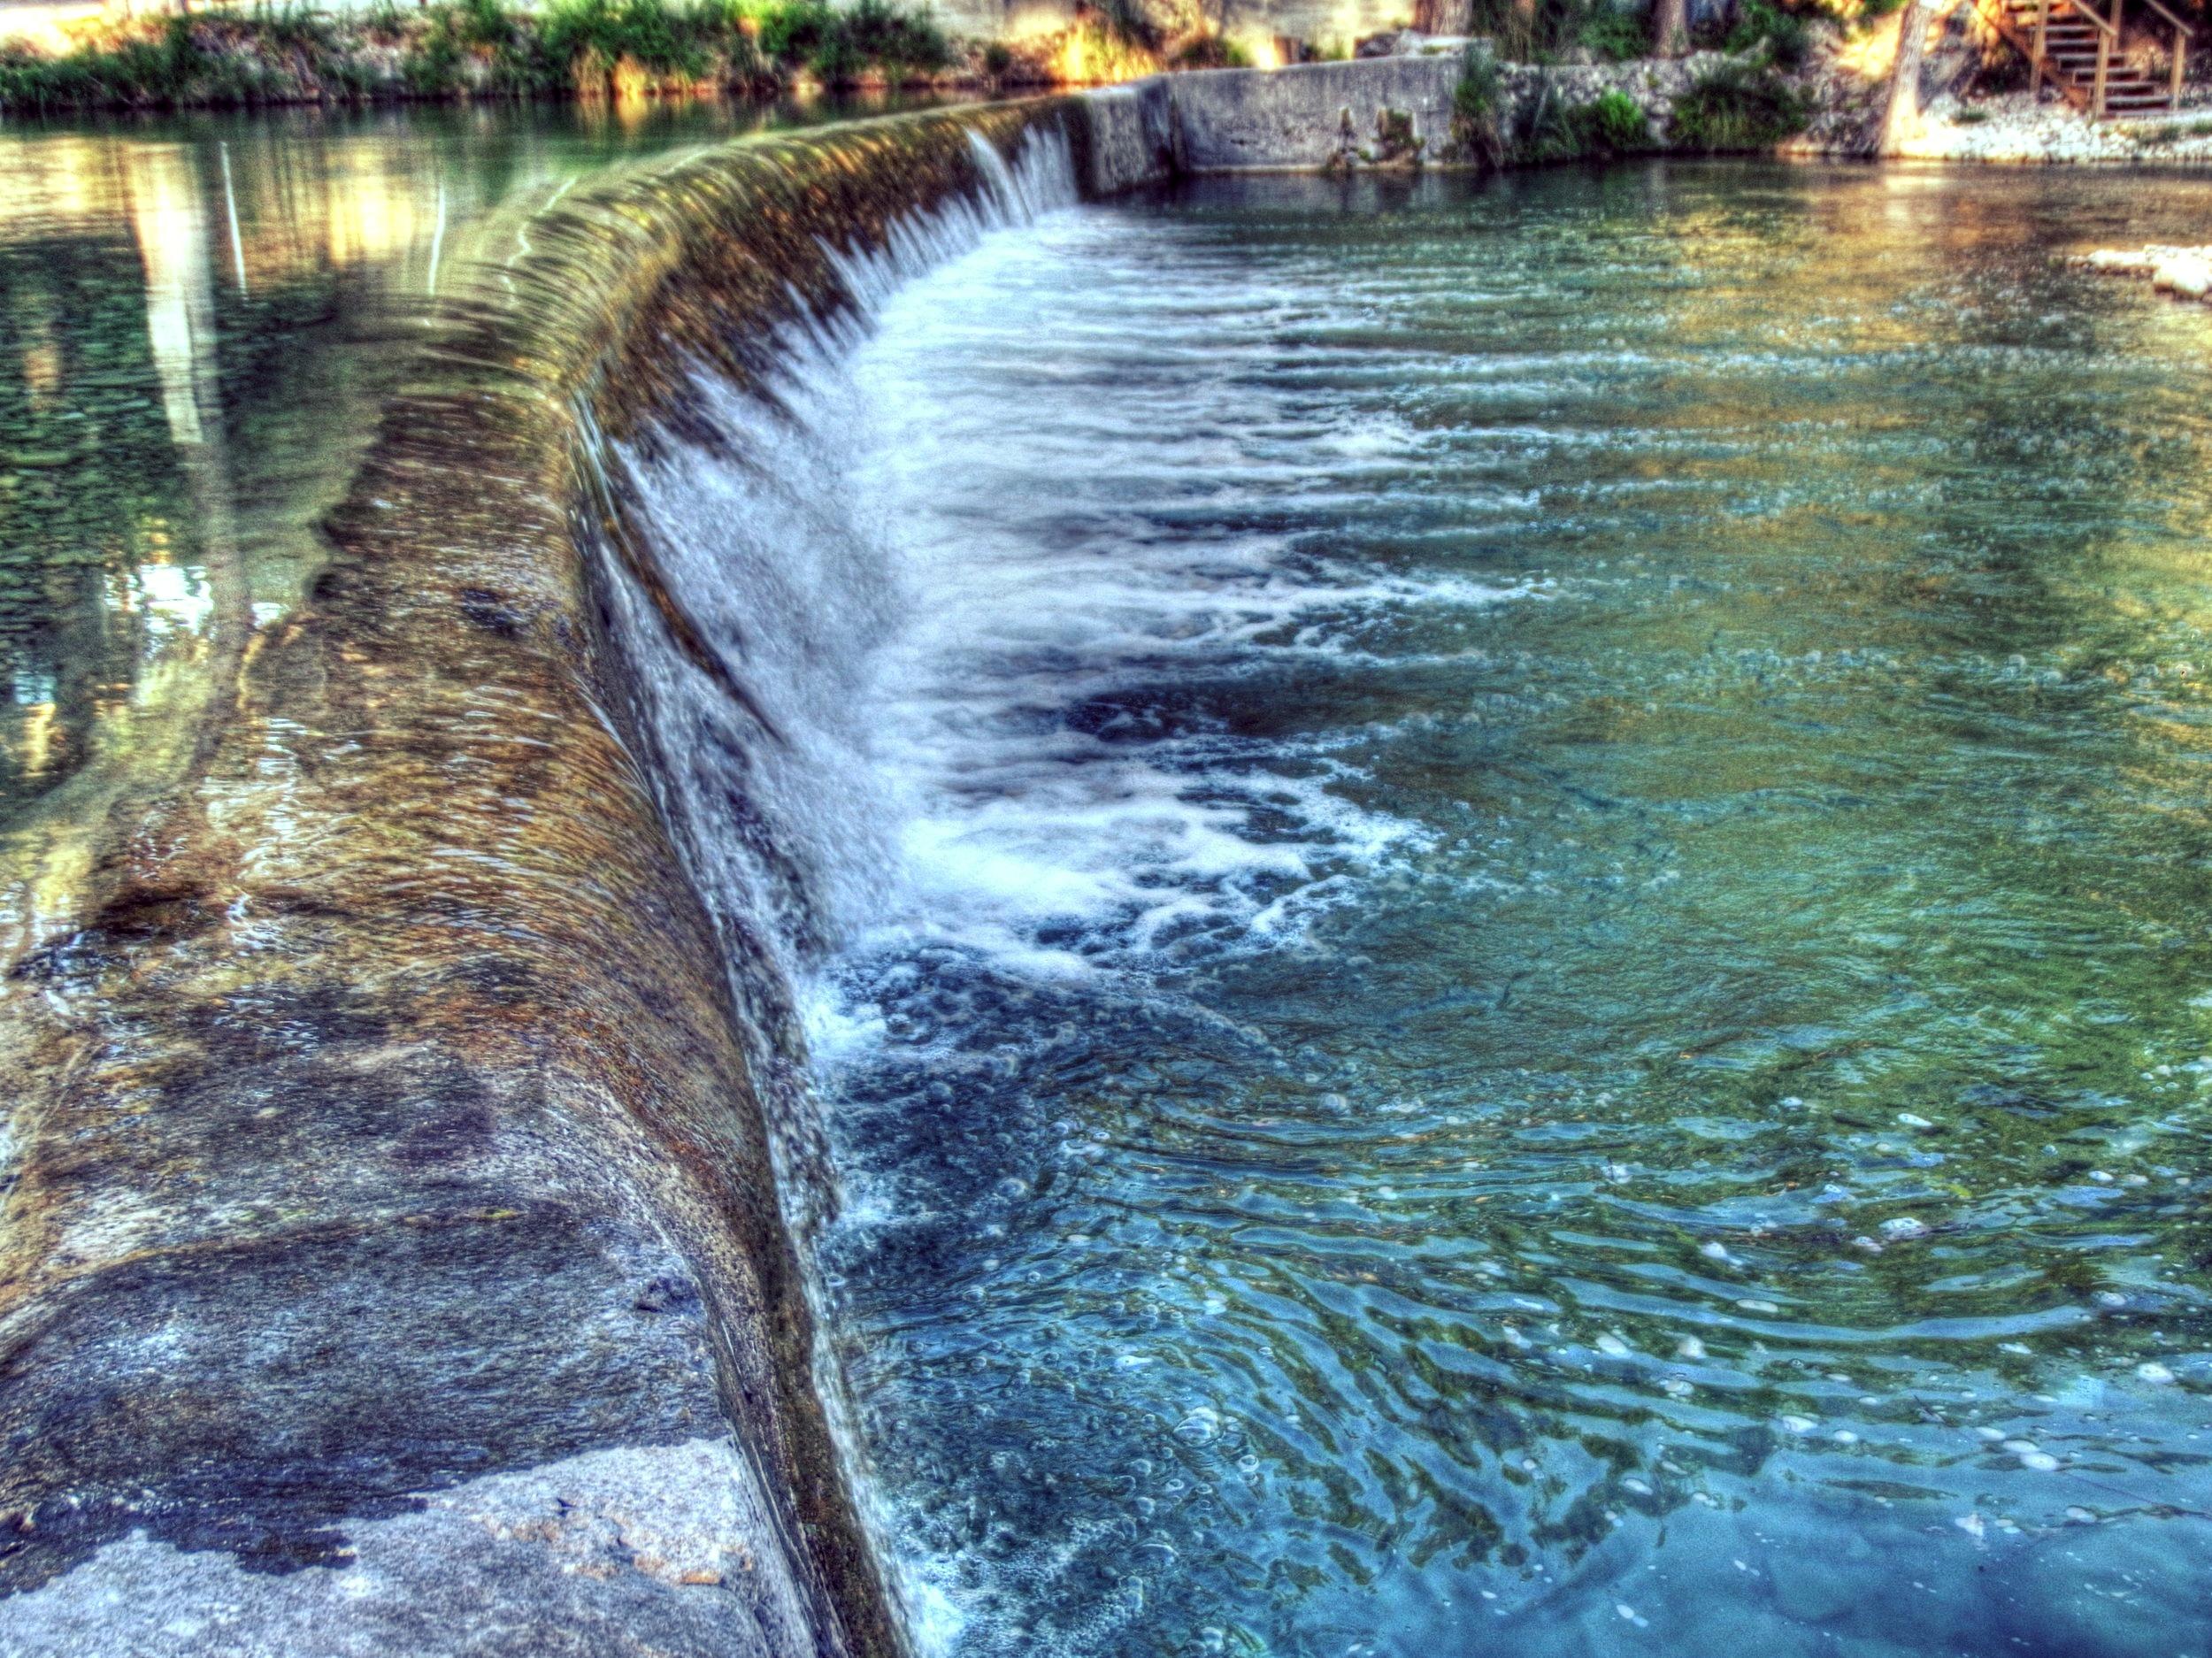 The Historic Lombardy Dam at Rio Bella